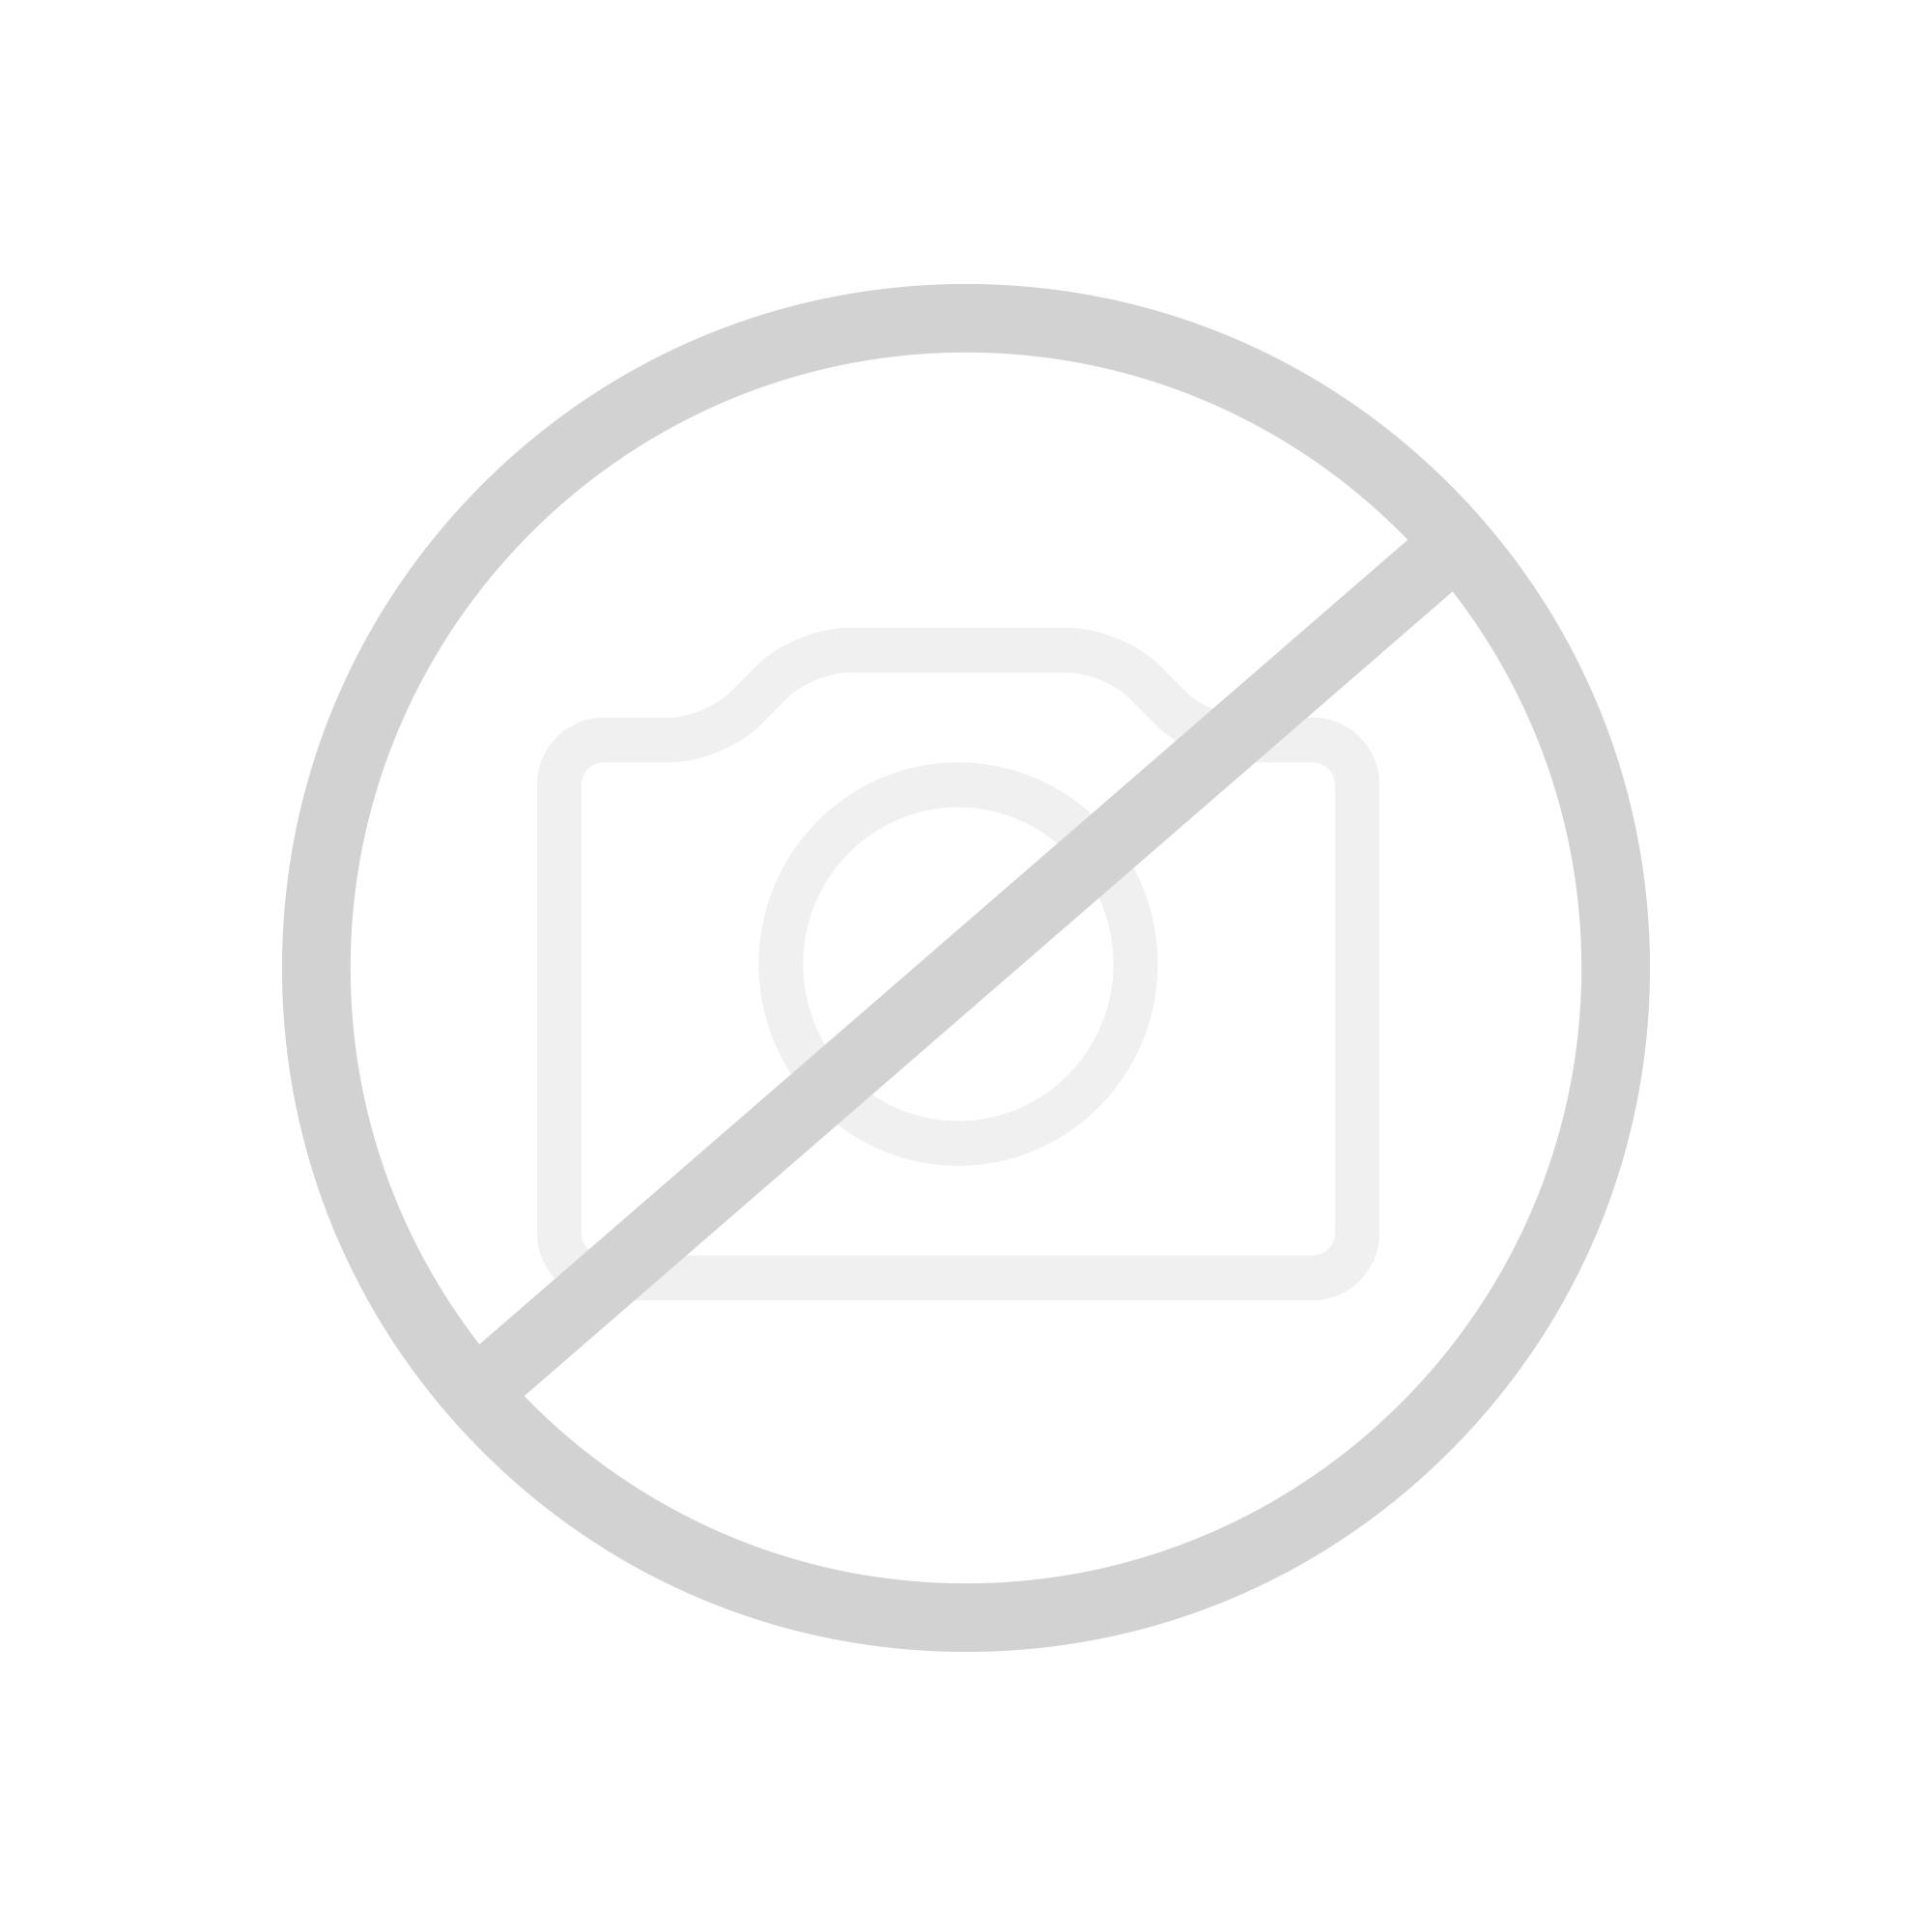 Badaccessoires ohne Bohren » Kauftipps für Handtuchhalter, Duschkorb ...